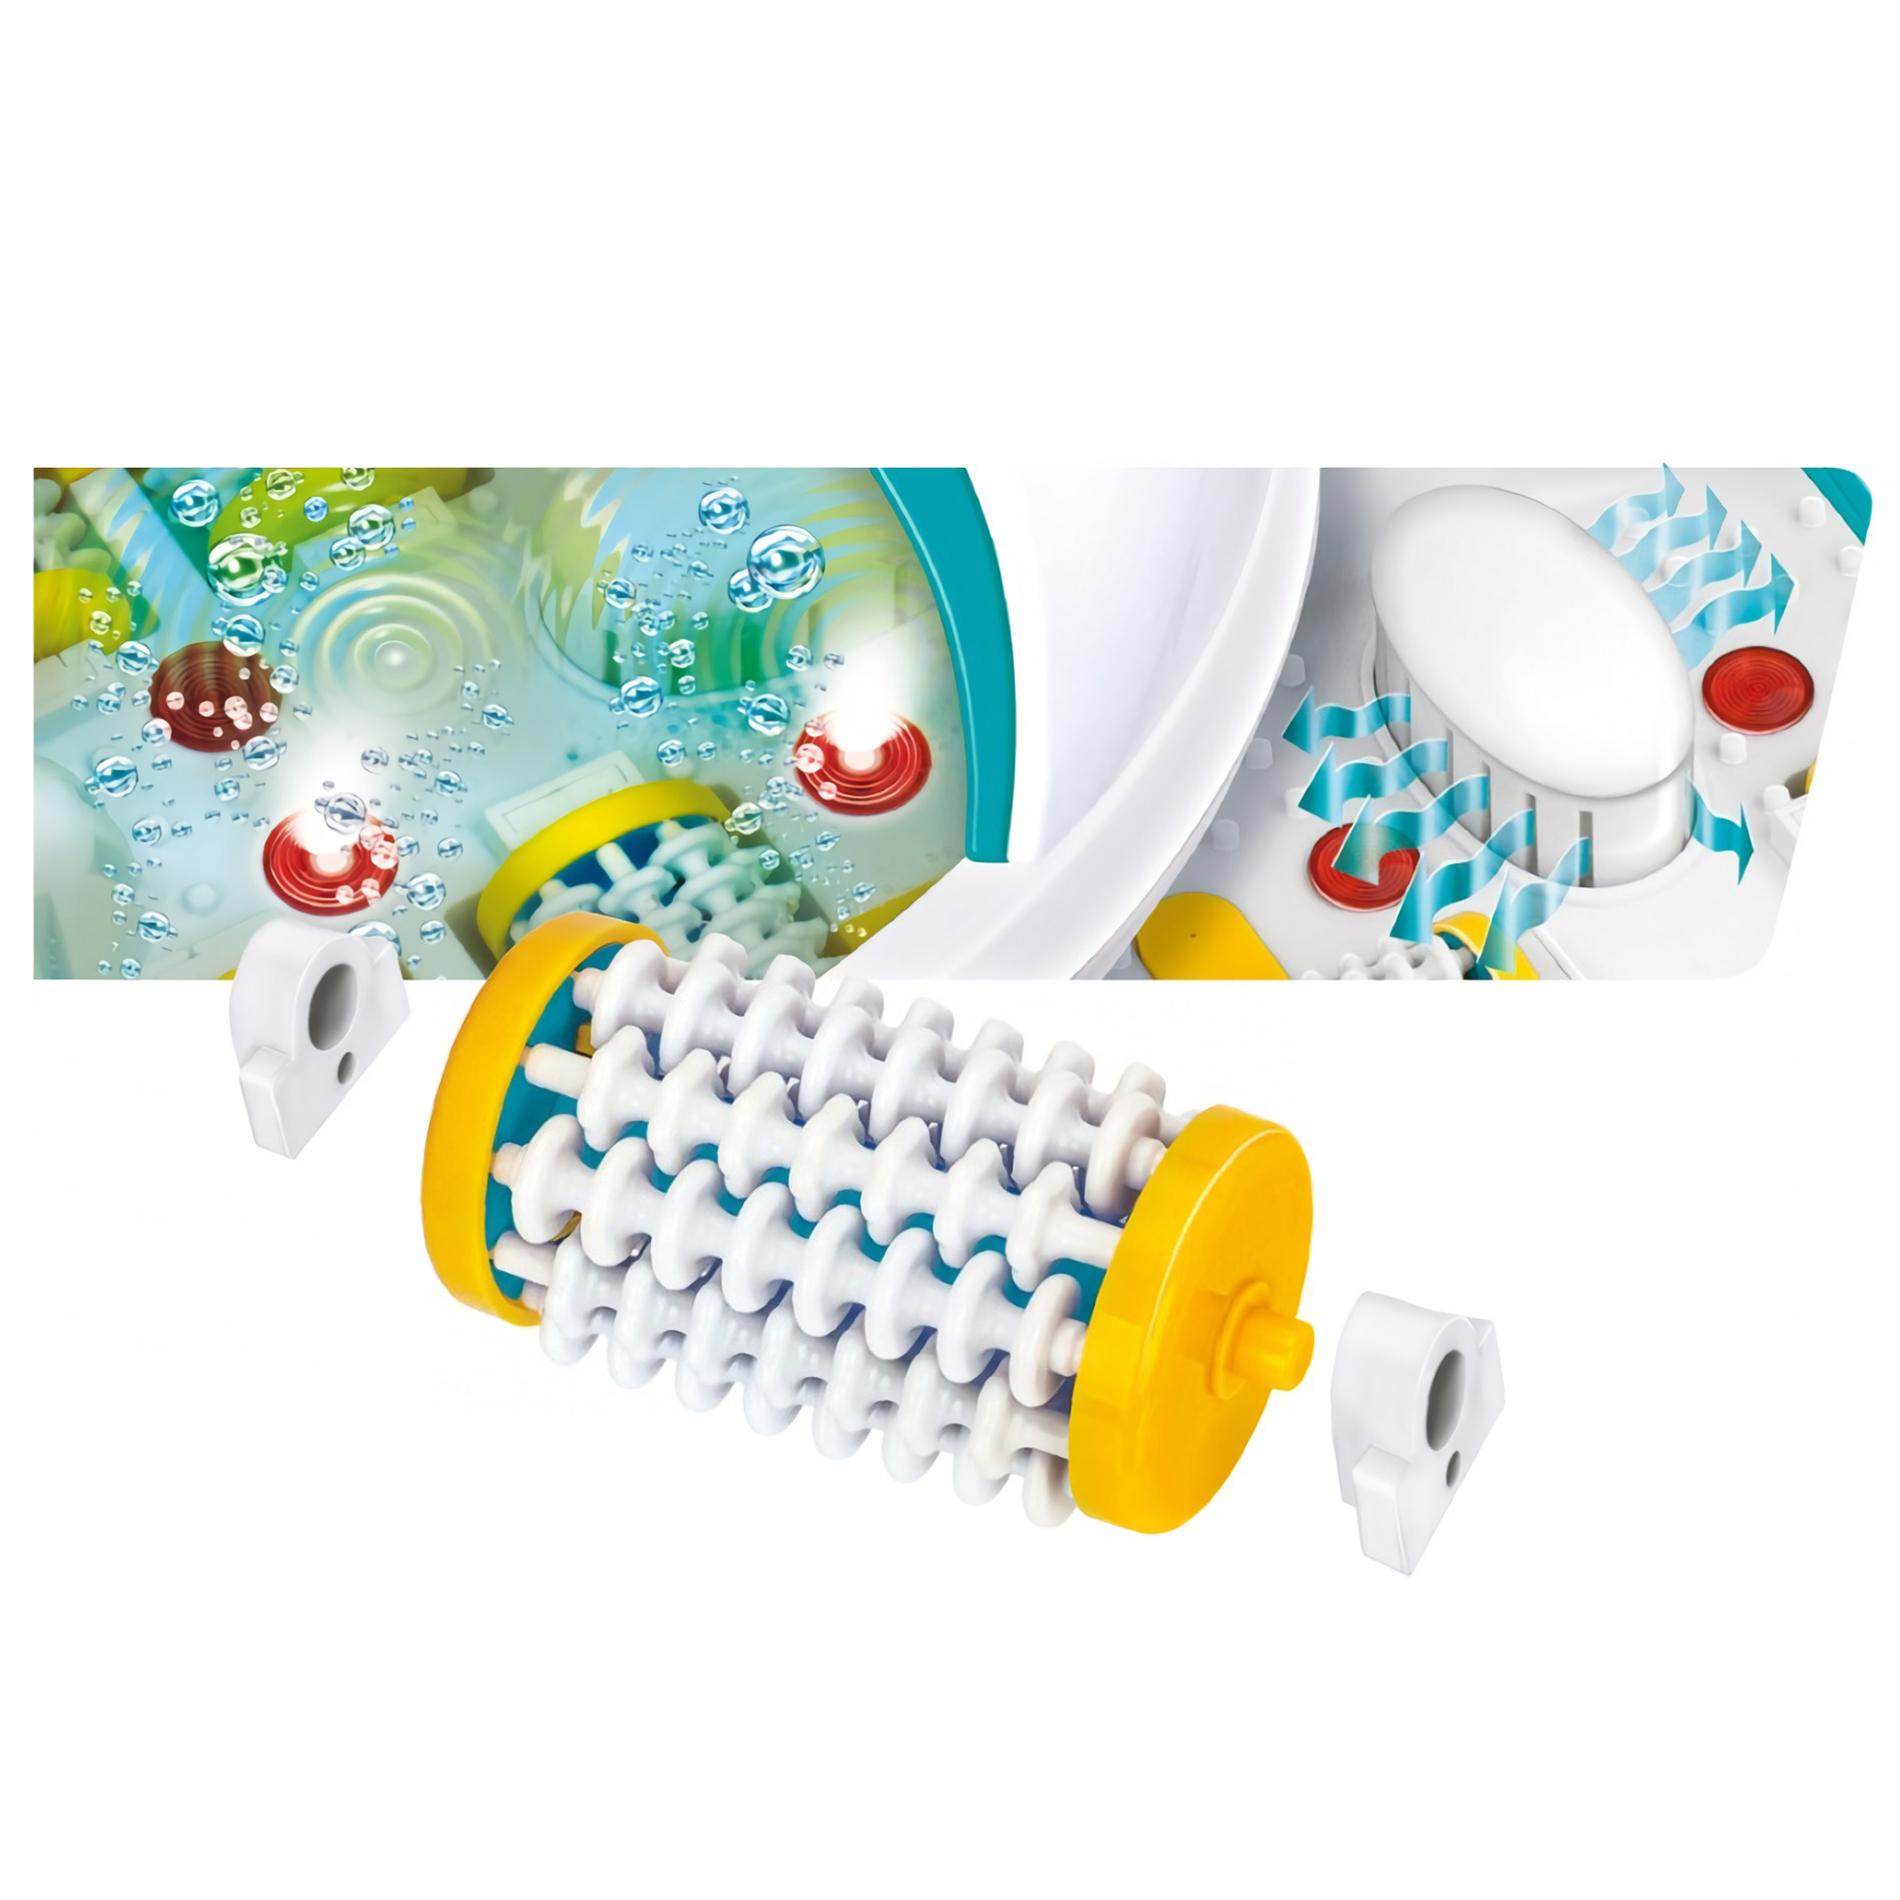 MPM MMS-03 Masajeador de Pies con Agua, masaje de Burbujas y por vibración, Mantener Temperatura, infrarrojos, Contenedor para Sales, 90 W